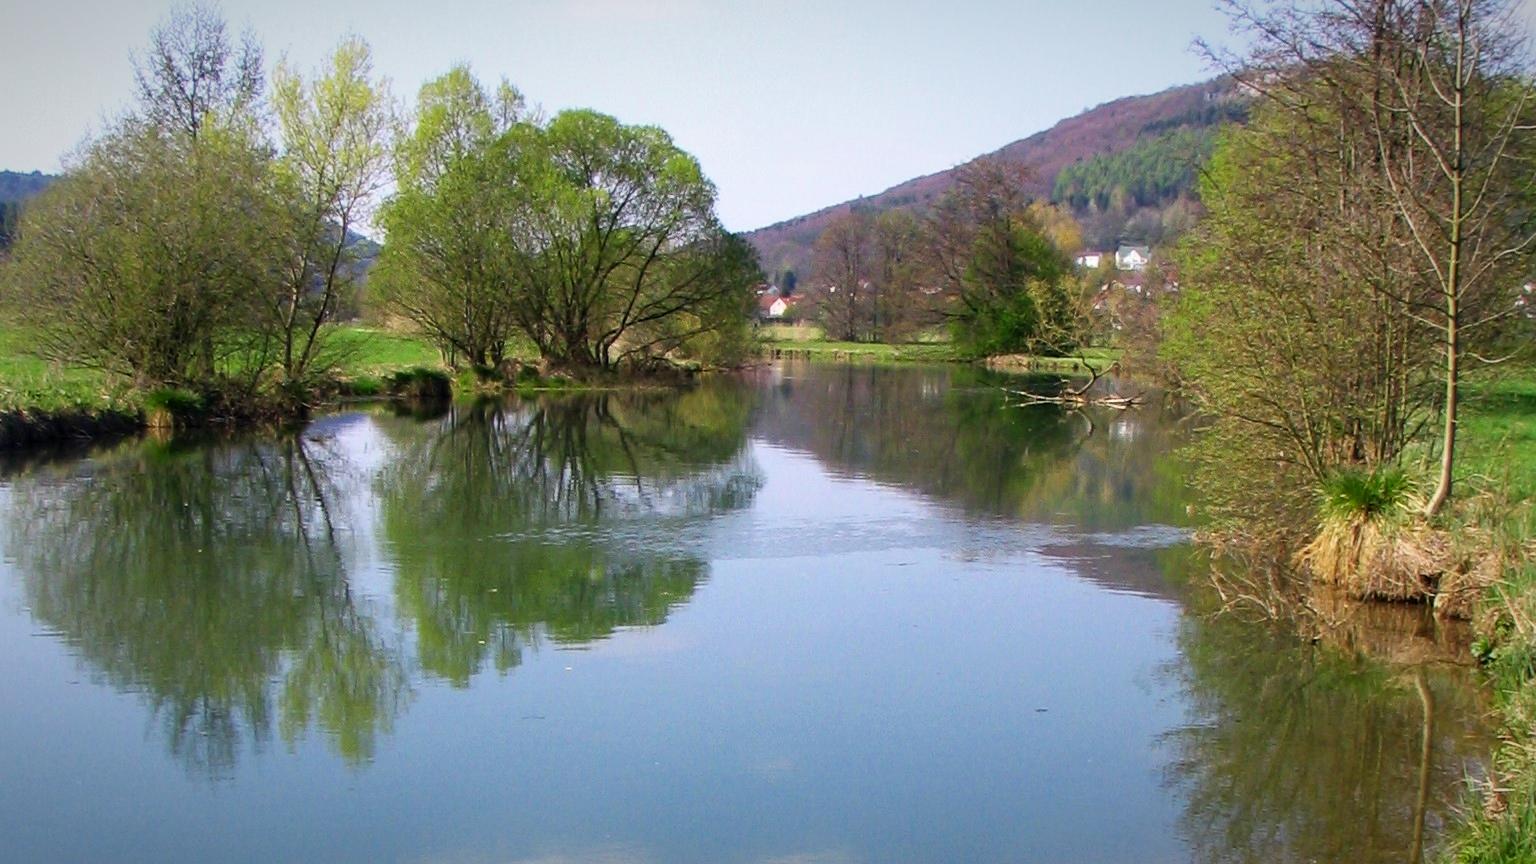 Das Fischwasser an der fränkischen Wiesent vom Landgasthof Bieger - Ebermannstadt, OT Rothenbühl.